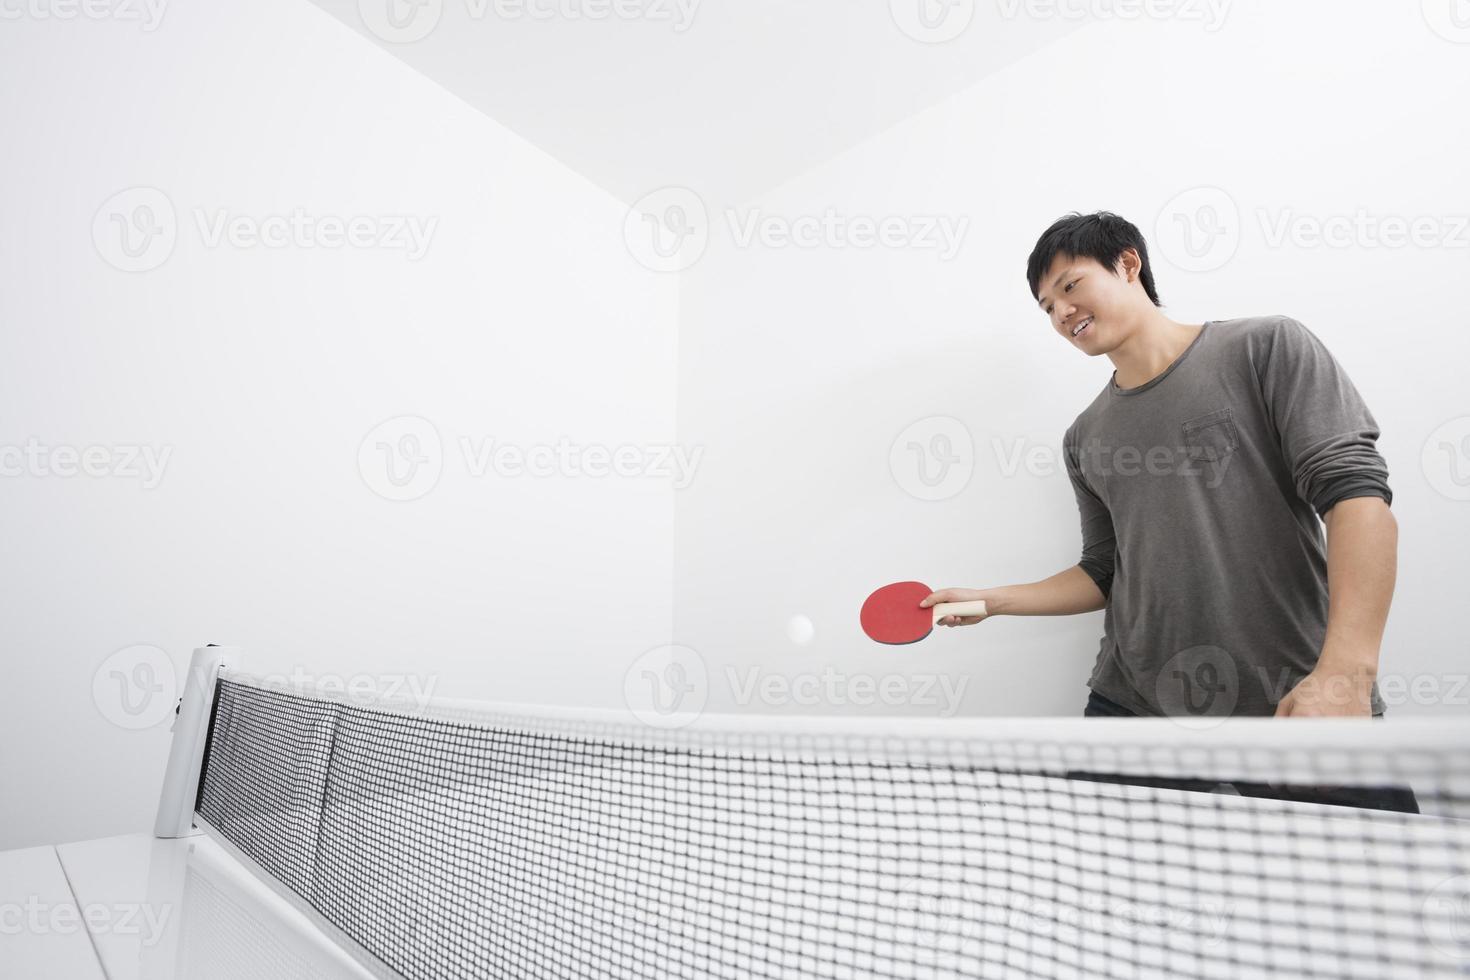 homem adulto médio asiático jogando ping-pong foto